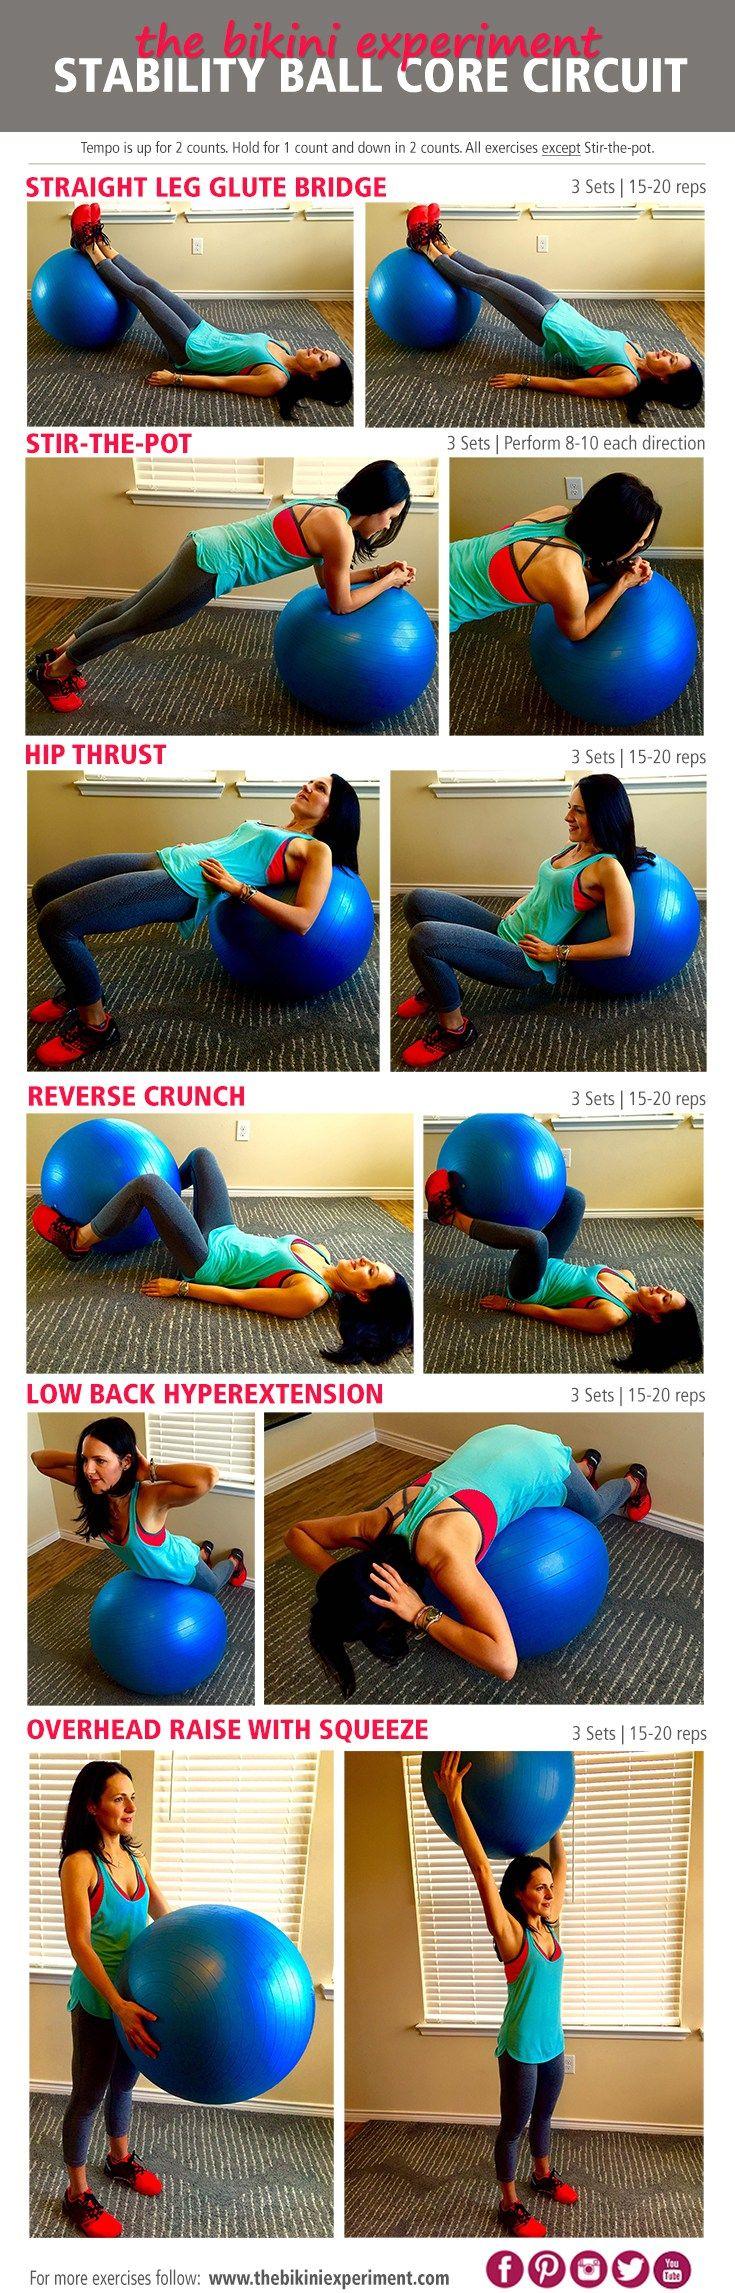 схема упражнения для отвисшего живота